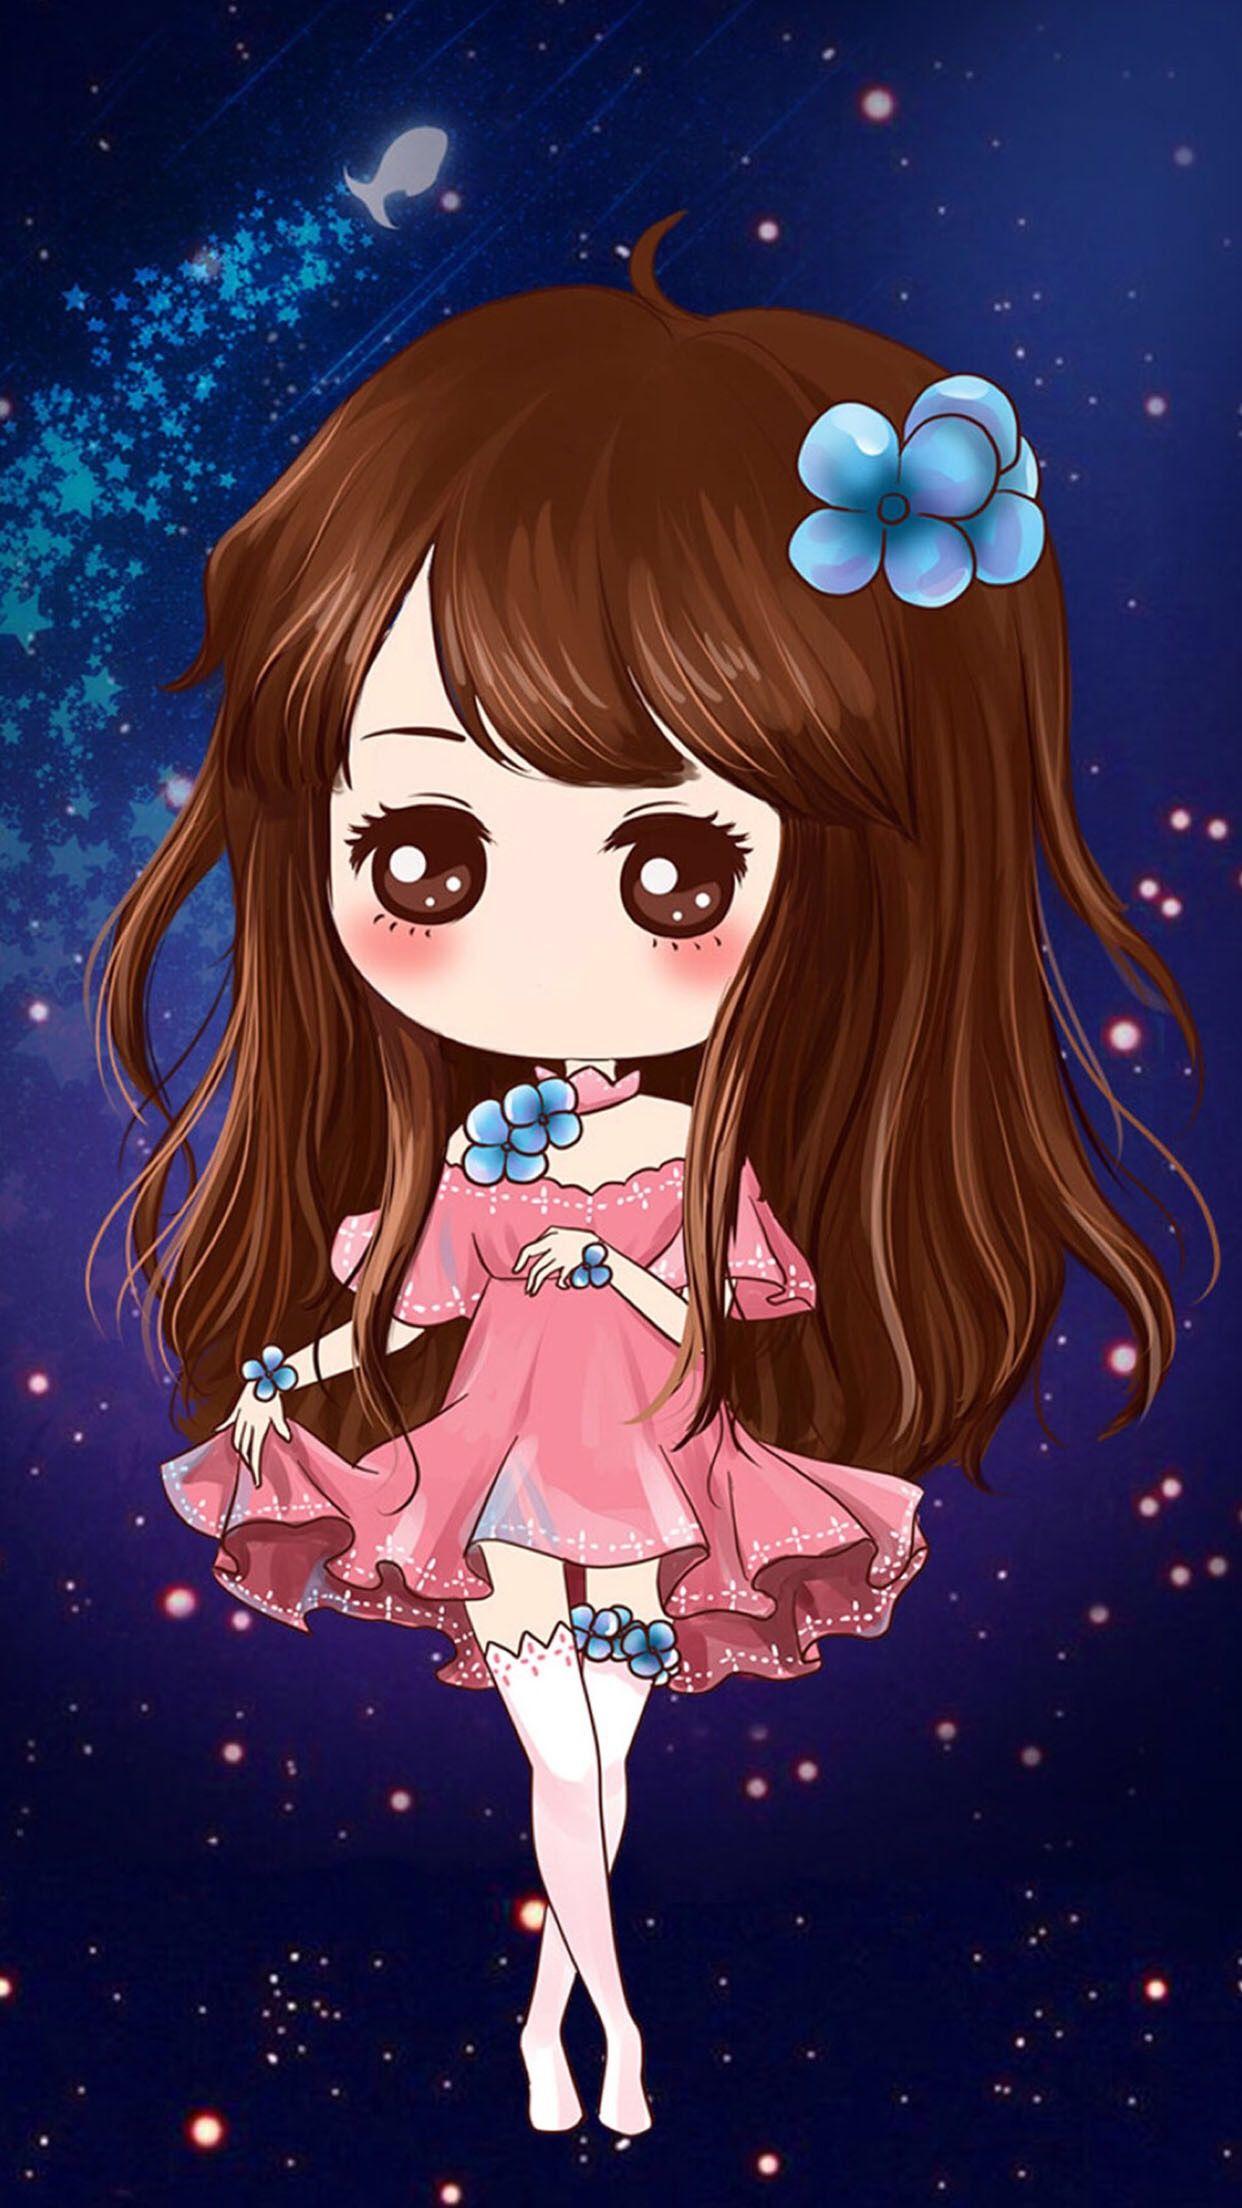 Ý tưởng của Jmc Ong trên Chibxii Cute Wallpaper♥ Anime